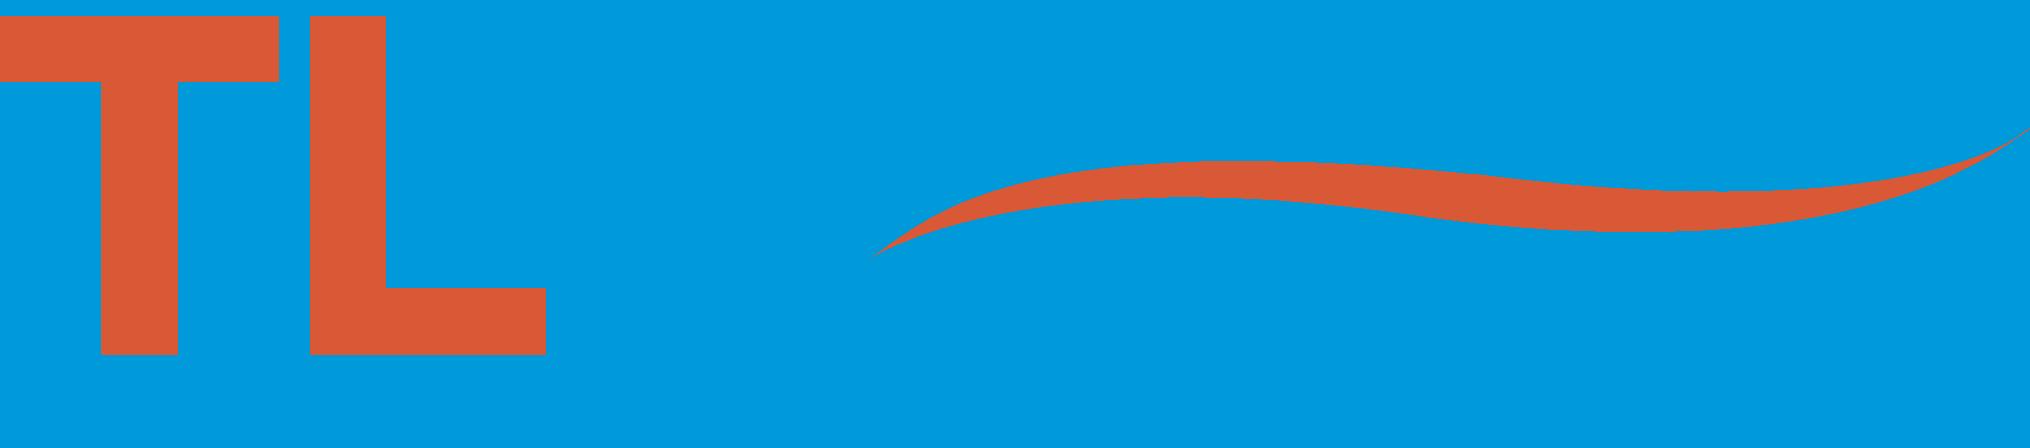 TL9000_Logo.ai_